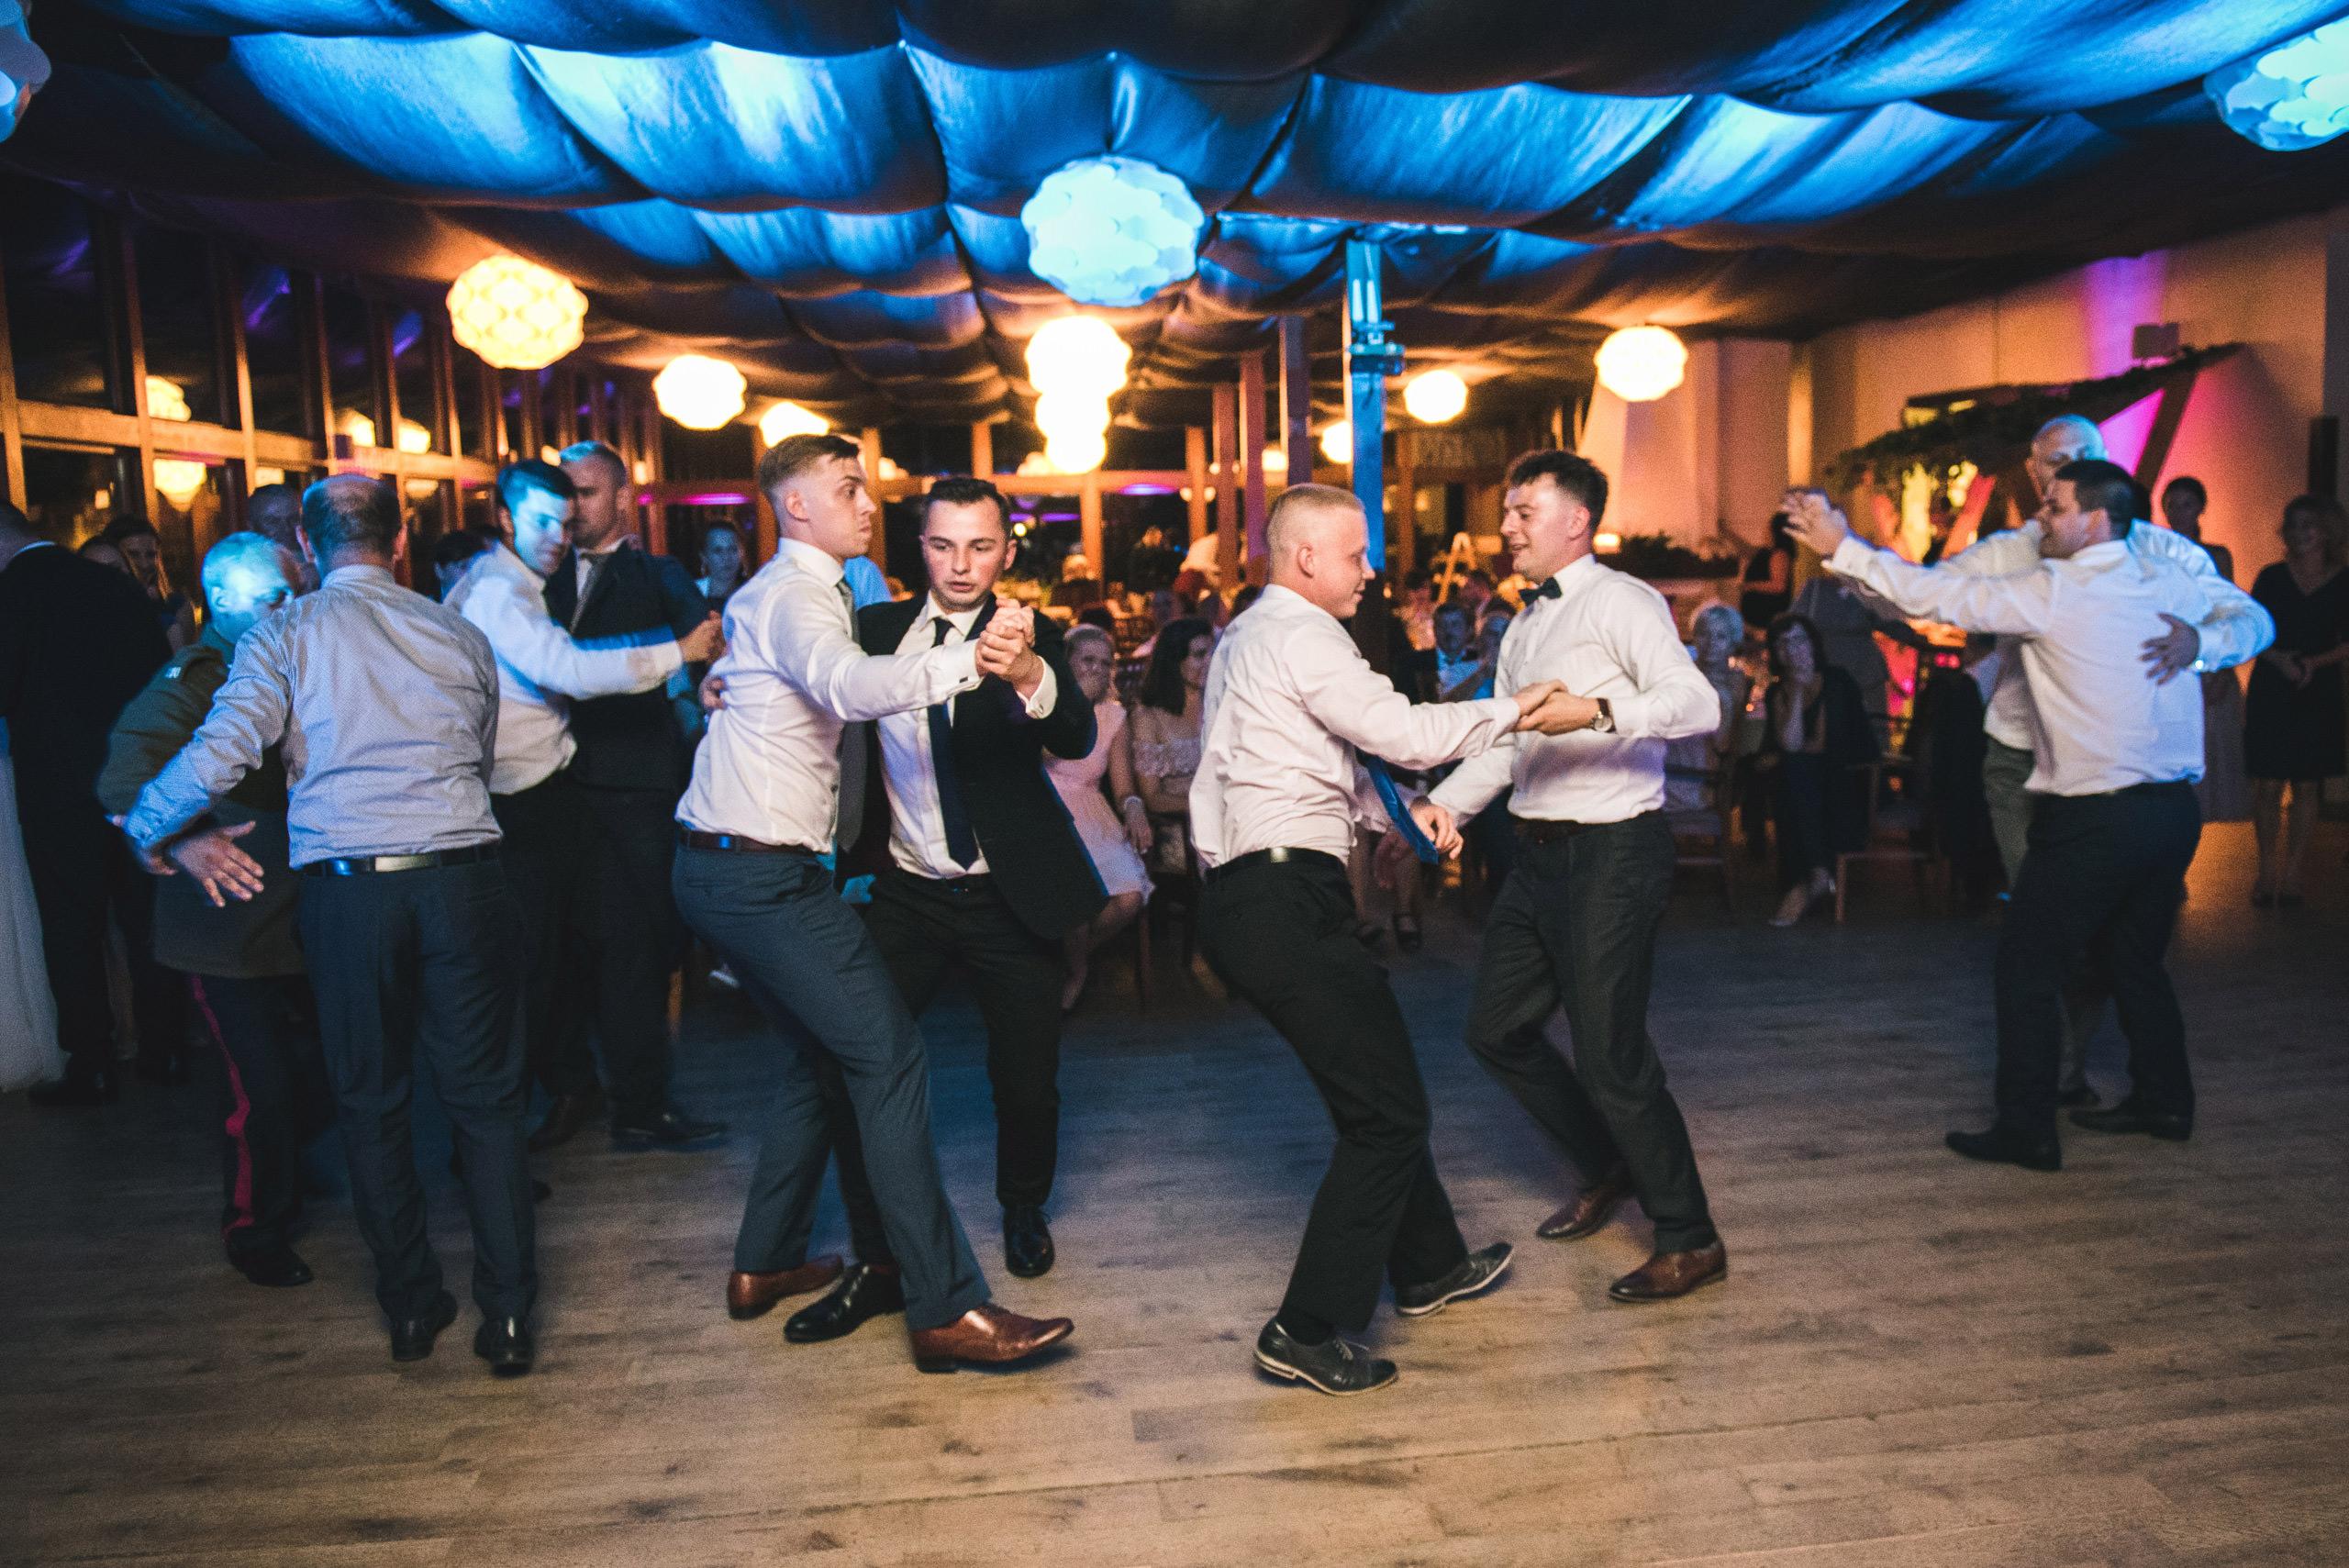 fotograf slubny warszawa 080 oczepiny zacisze anny korcz wesele